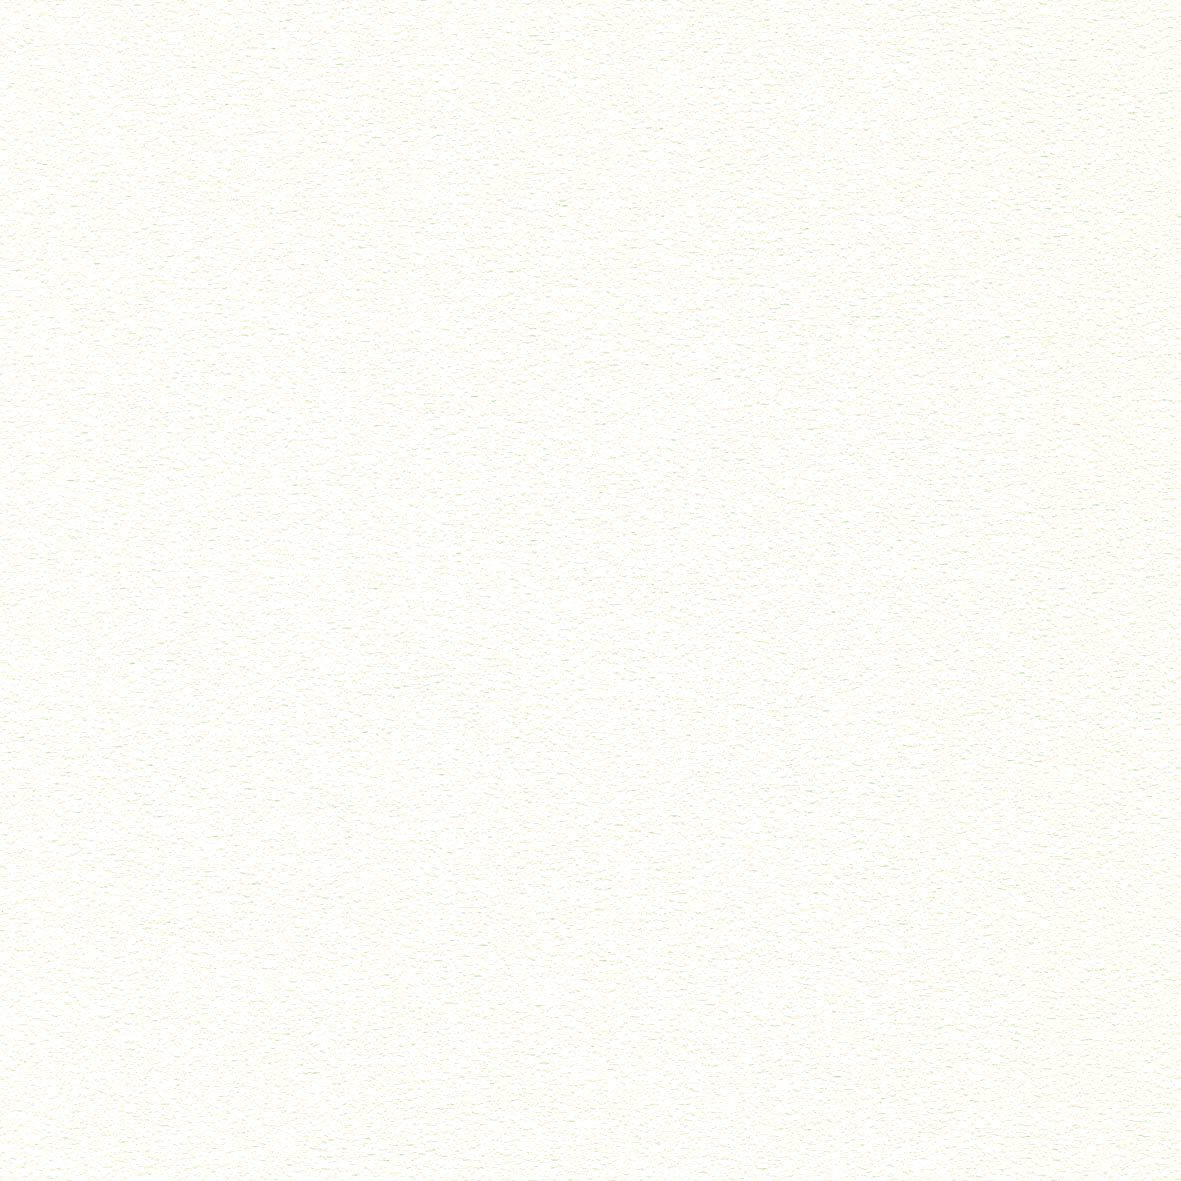 リリカラ 壁紙50m シンフル 無地 ホワイト LL-8842 B01N3SJU85 50m|ホワイト1